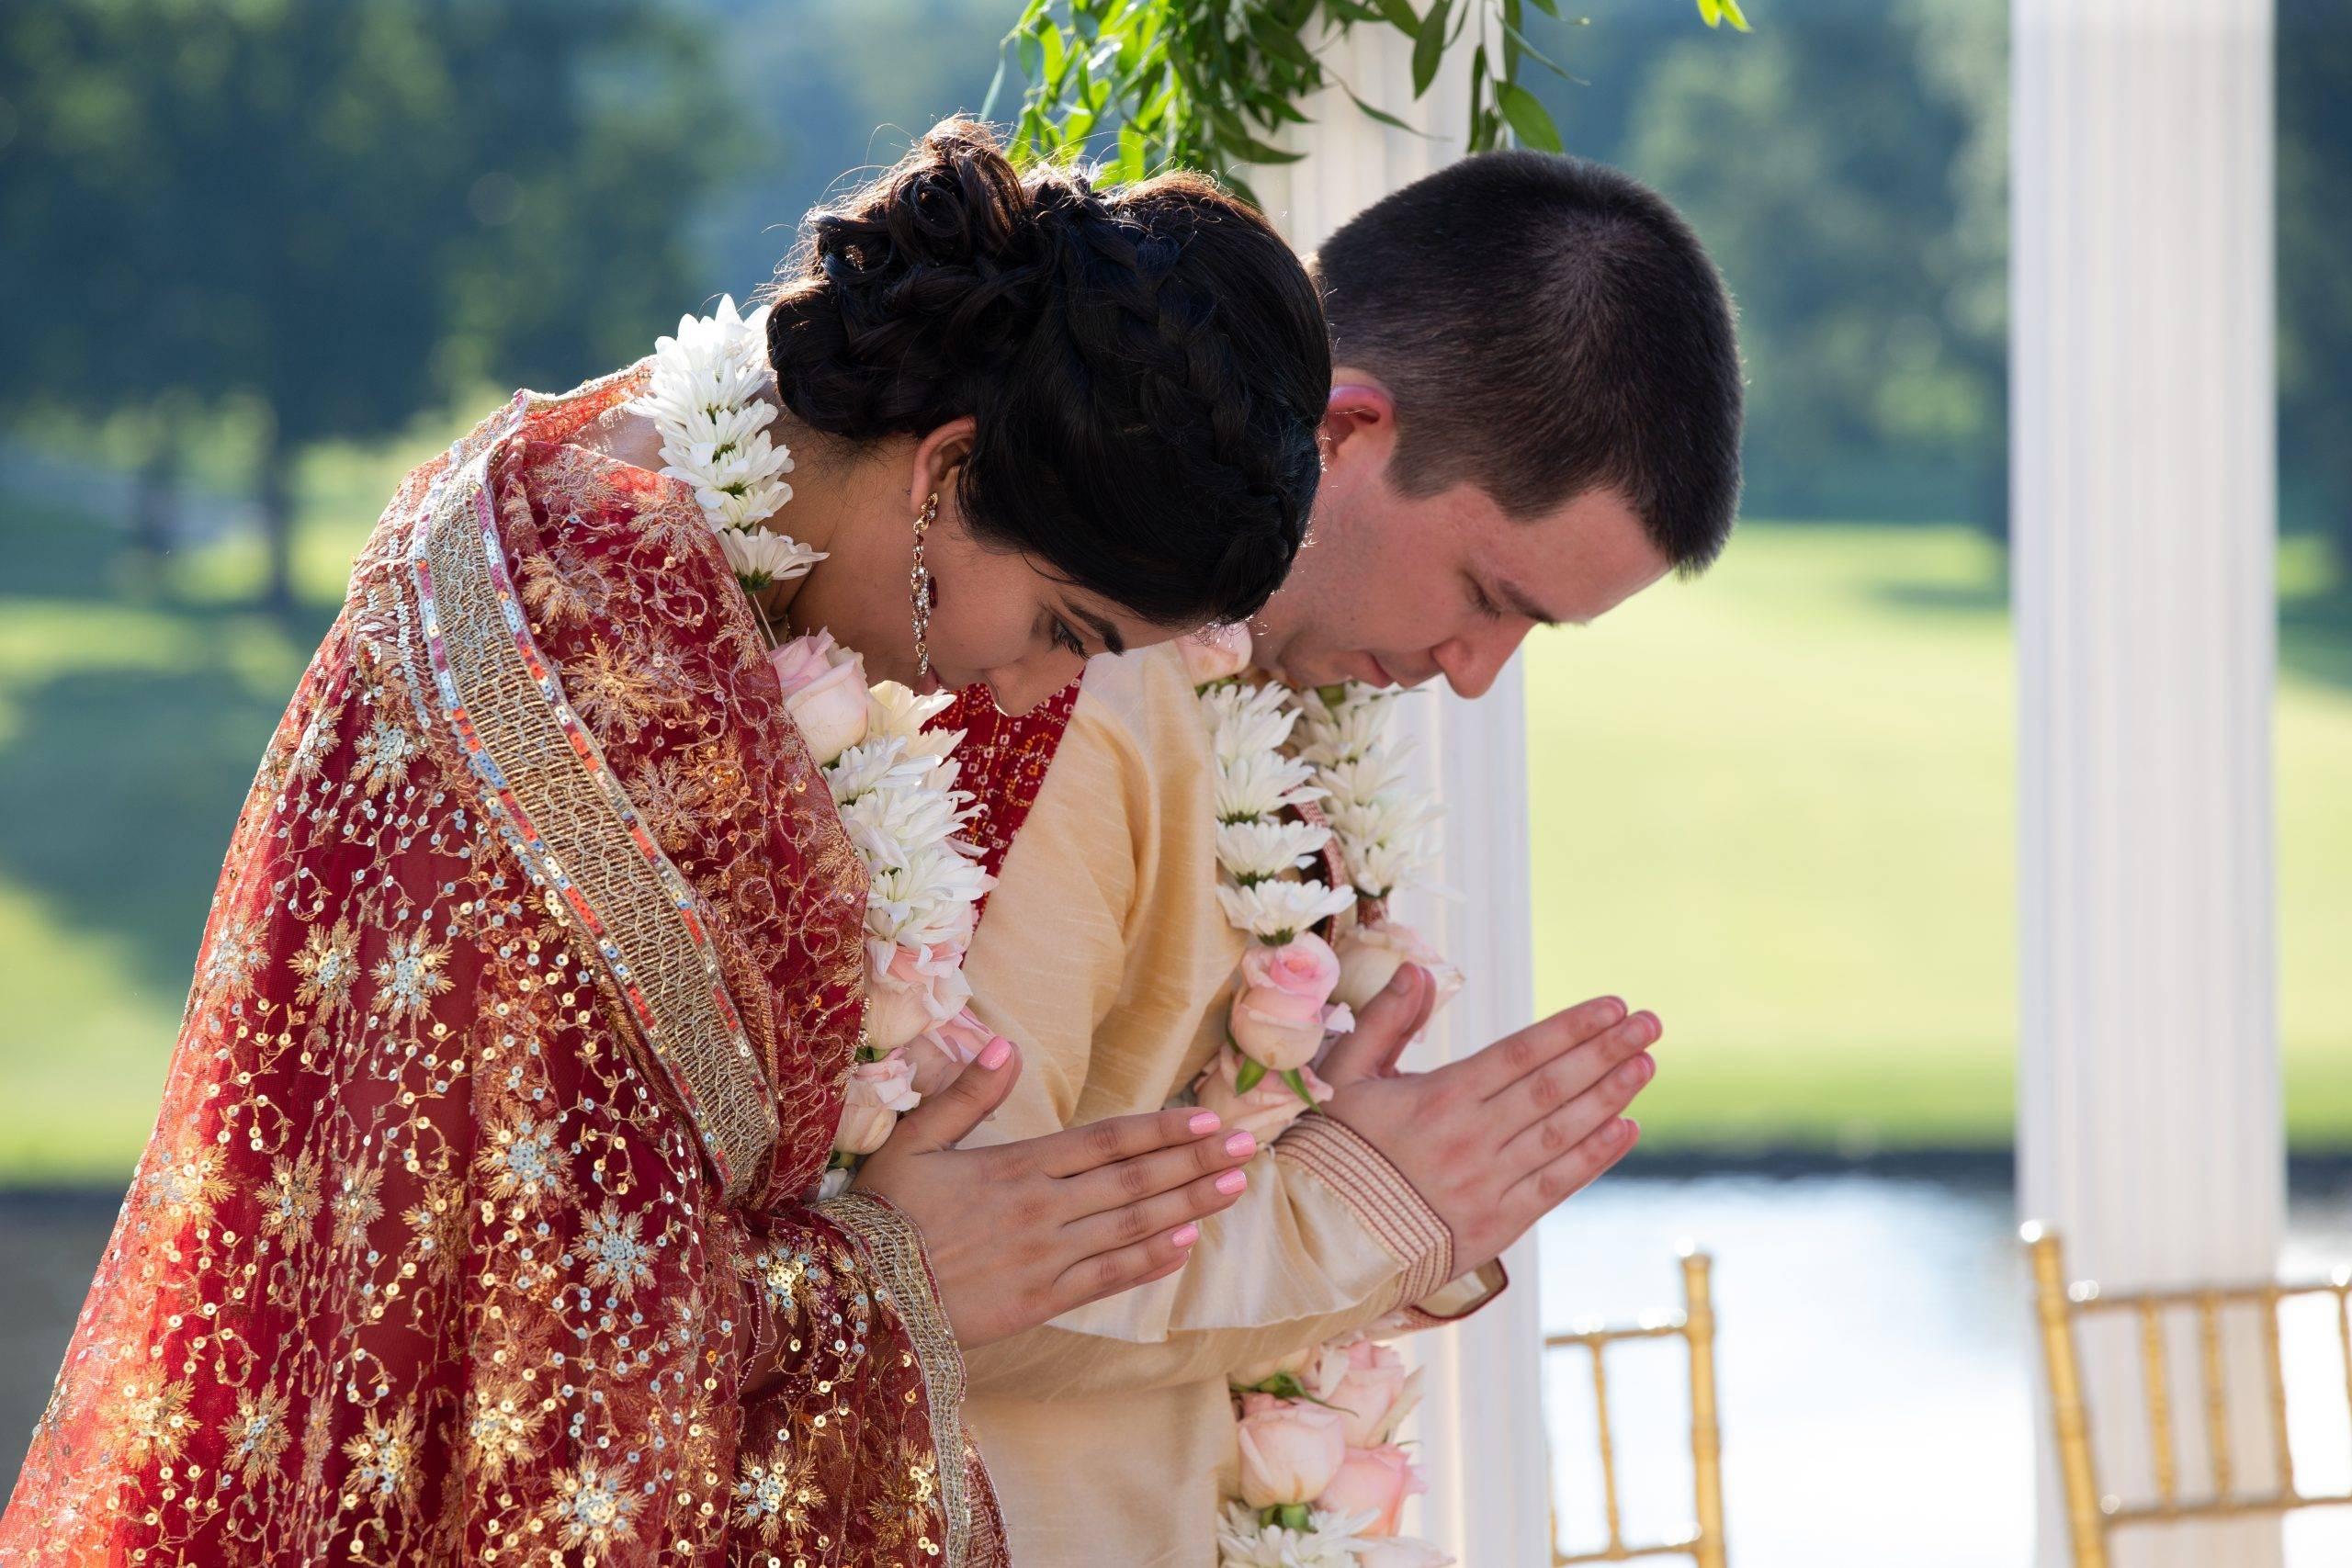 Brooklake Indian bride and groom